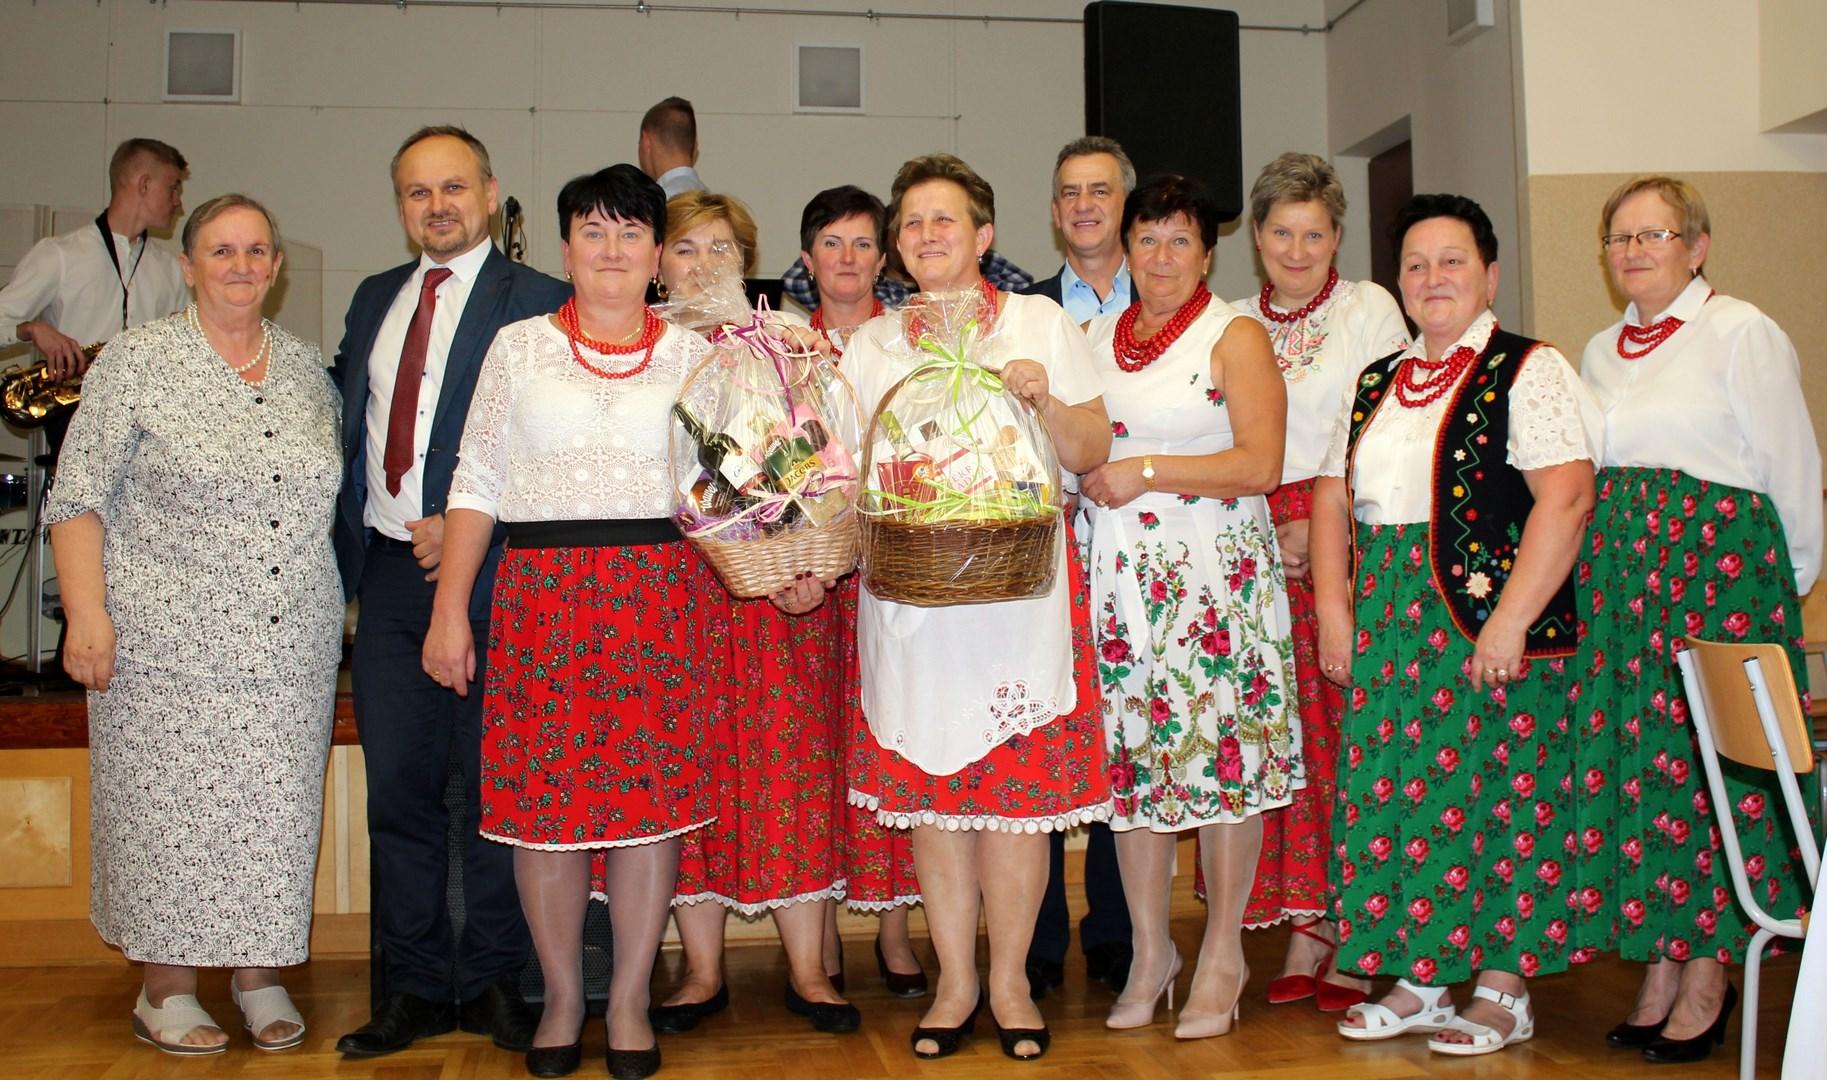 Starowiejska Biesiada zorganizowana przez KGW Stara Wieś Rola - zdjęcie główne